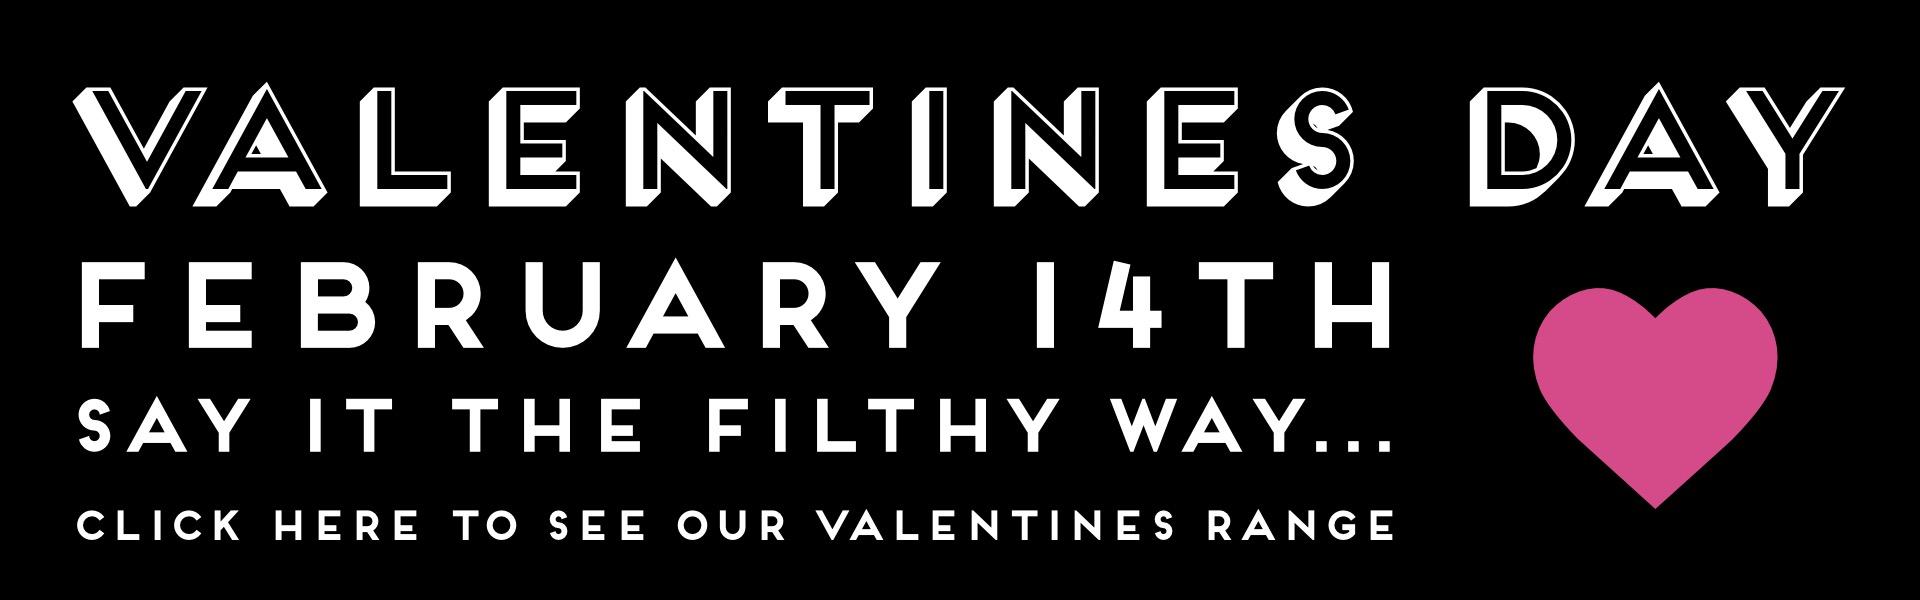 valentines final banner